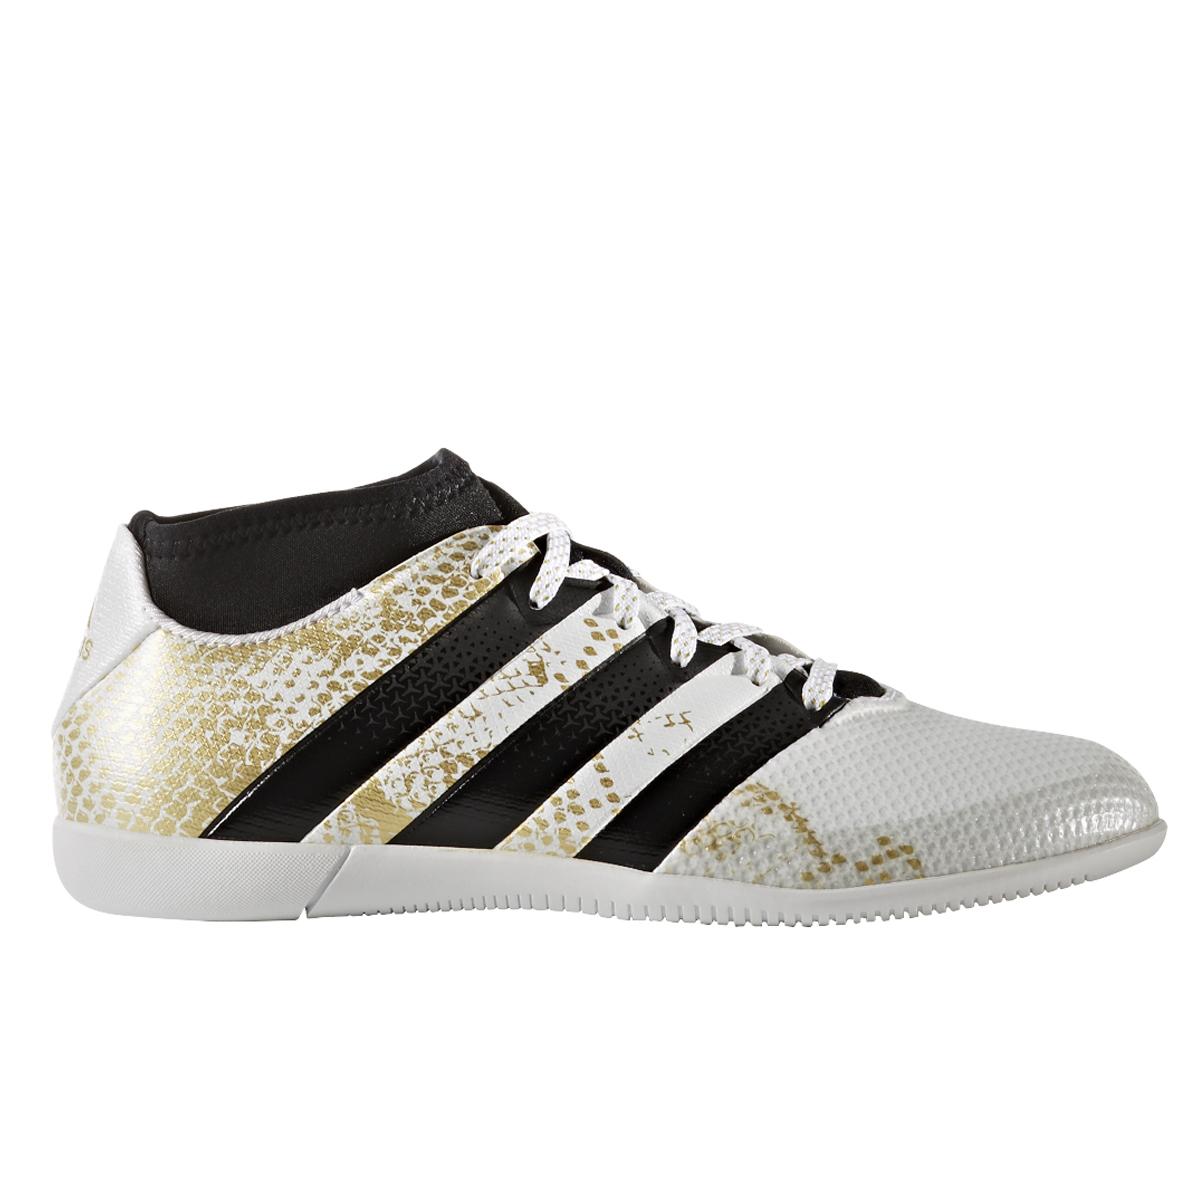 usa adidas ace 16 alle weiß bdd73 a98c2